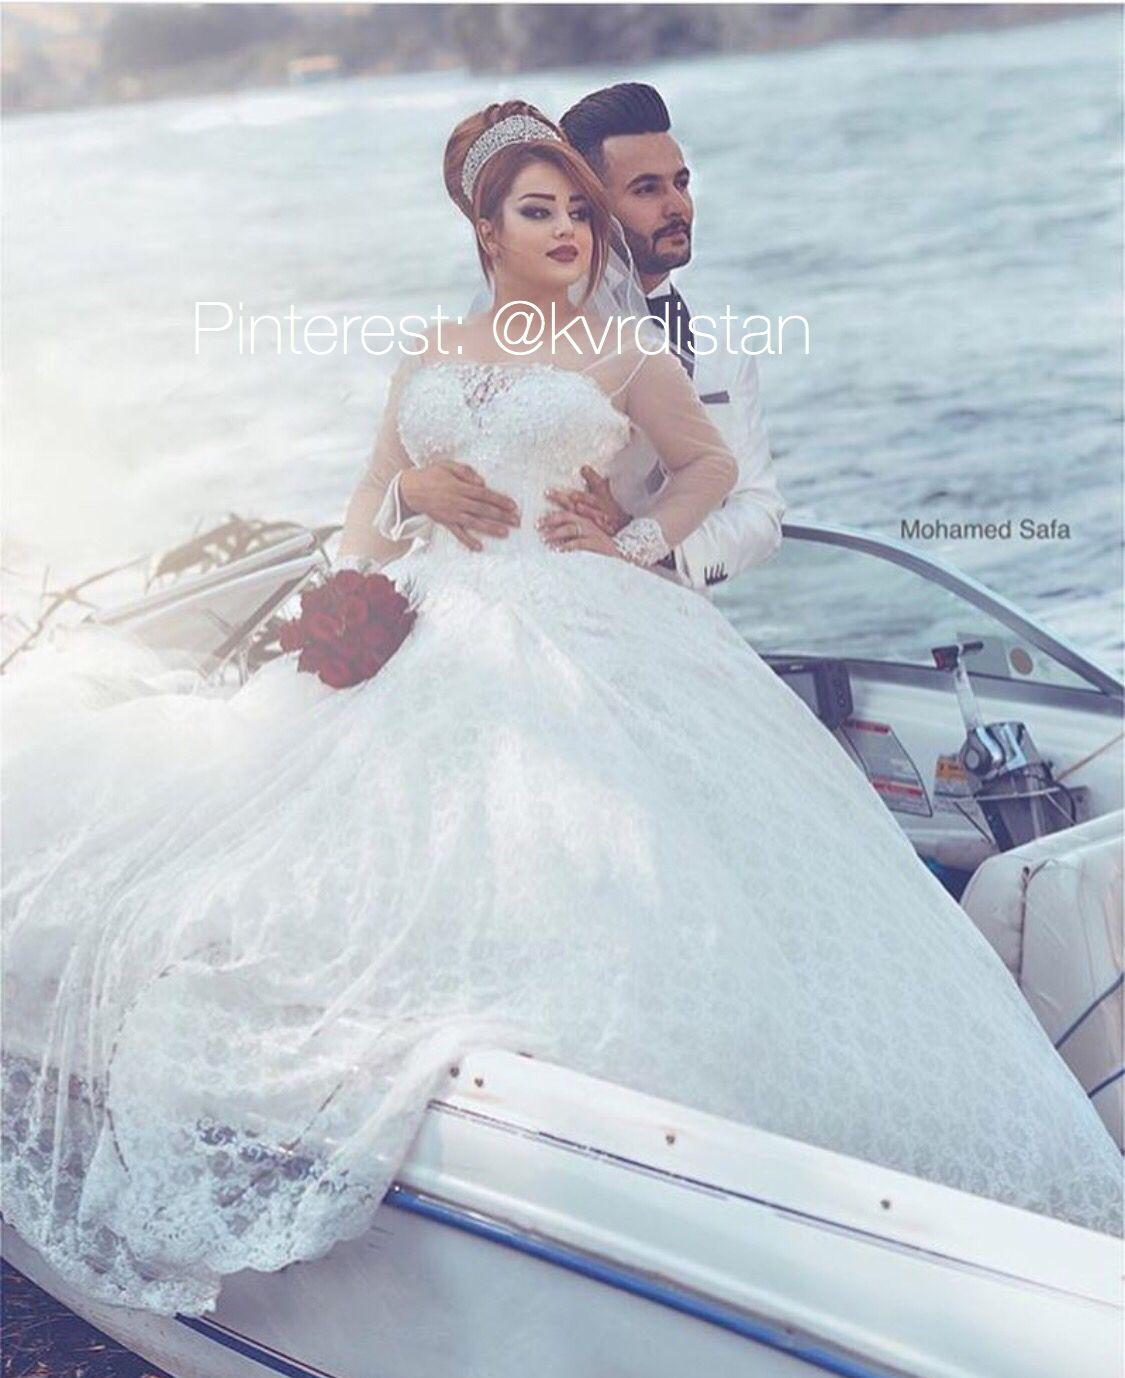 Kurdish wedding ❤ Pinterest: @kvrdistan | Wedding | Pinterest ...